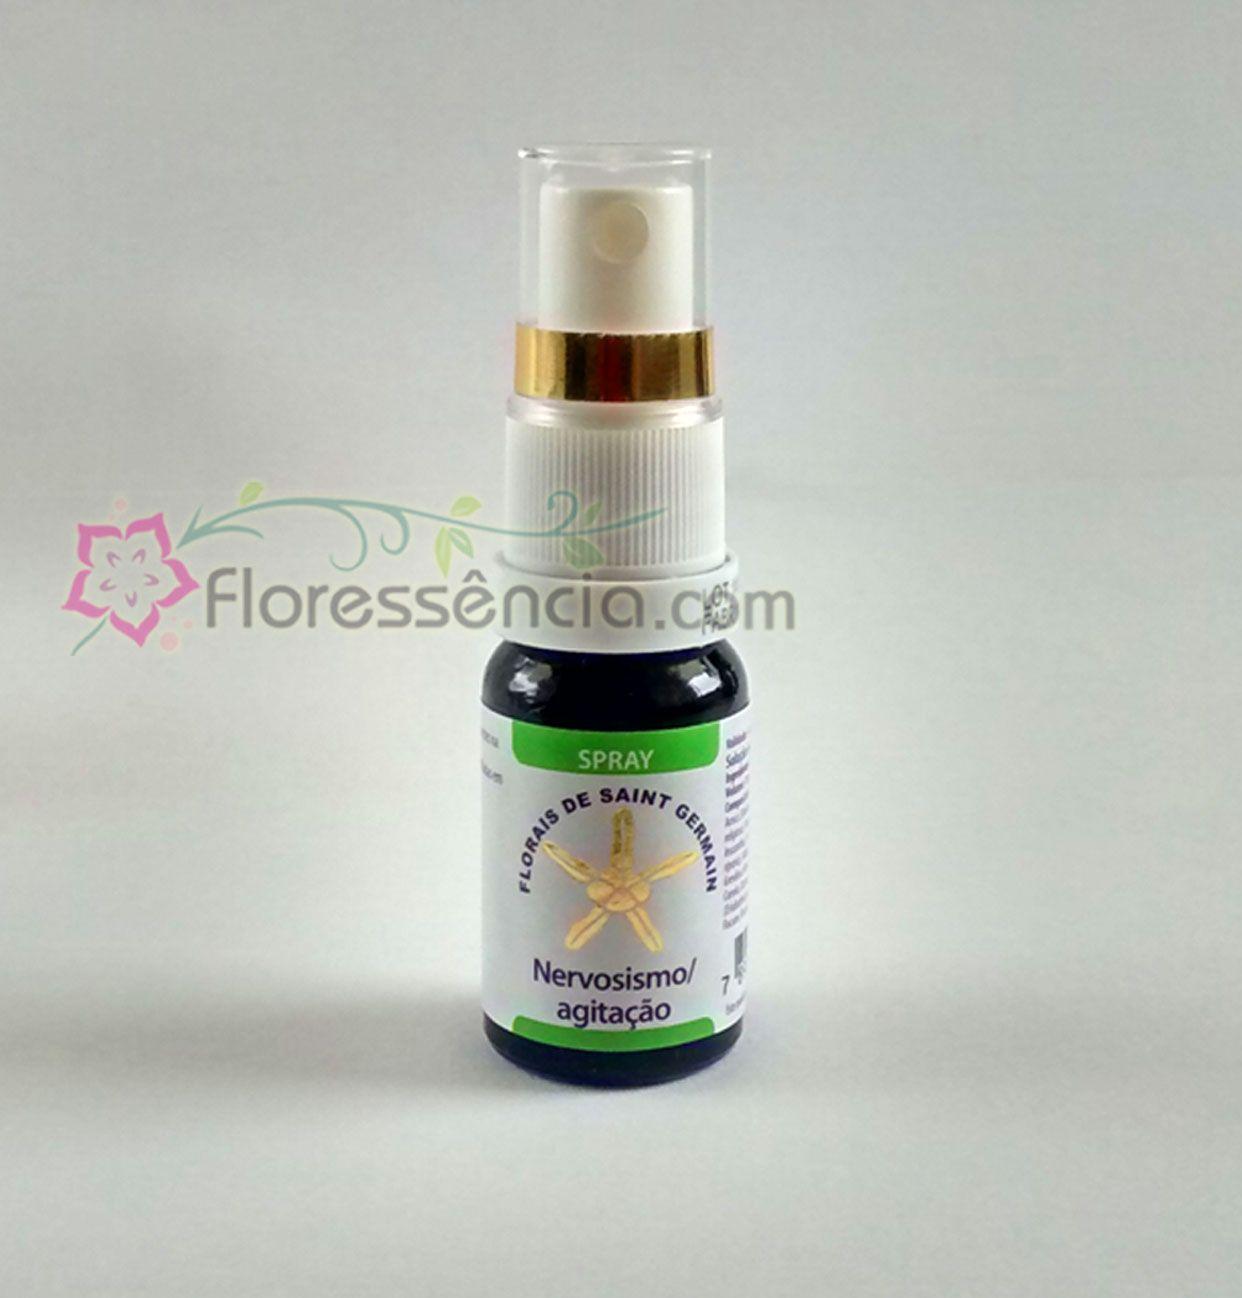 Fórmula Calma e Tranquilidade (Nervosismo e Agitação)  Spray uso oral - 10 ml  - Floressência